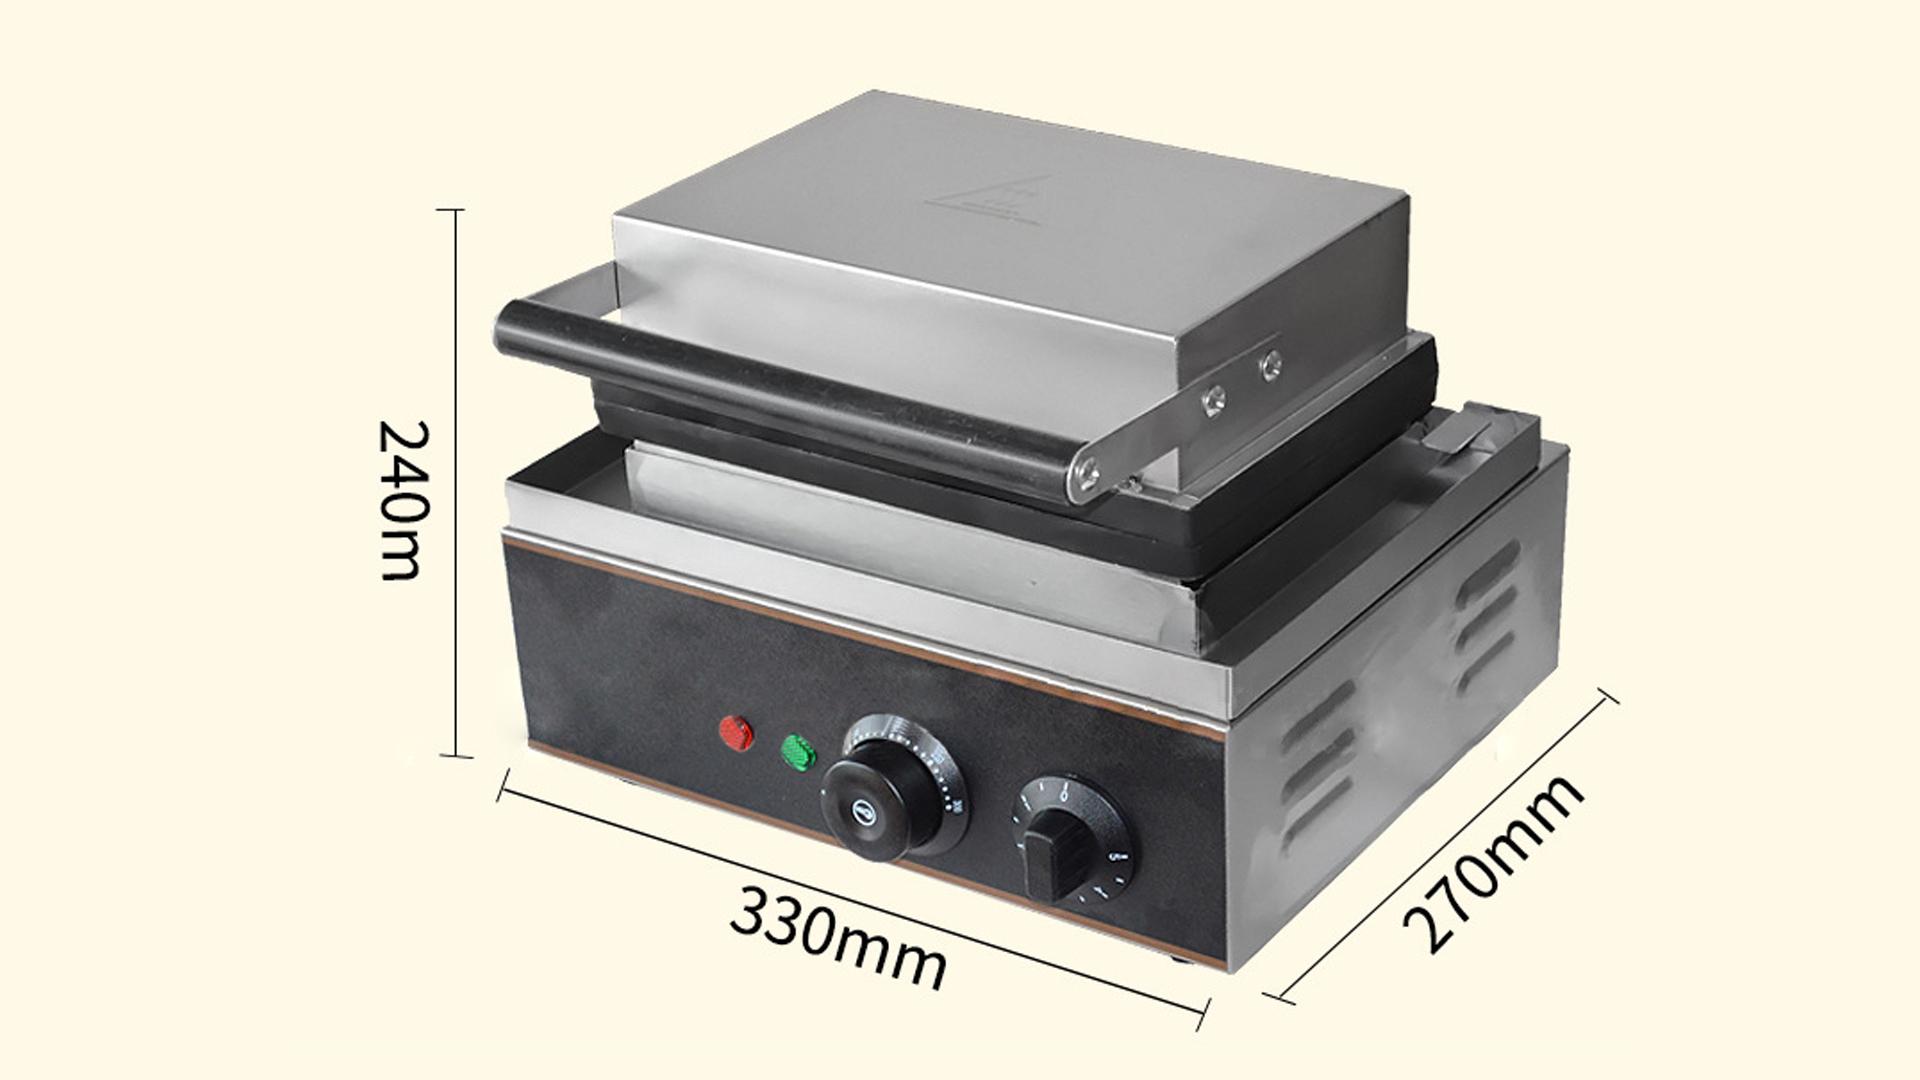 Macchina per frollini fragranti della prugna commerciale FY-210 Macchina per la ciambella elettrica del fel-210 Muffin francese